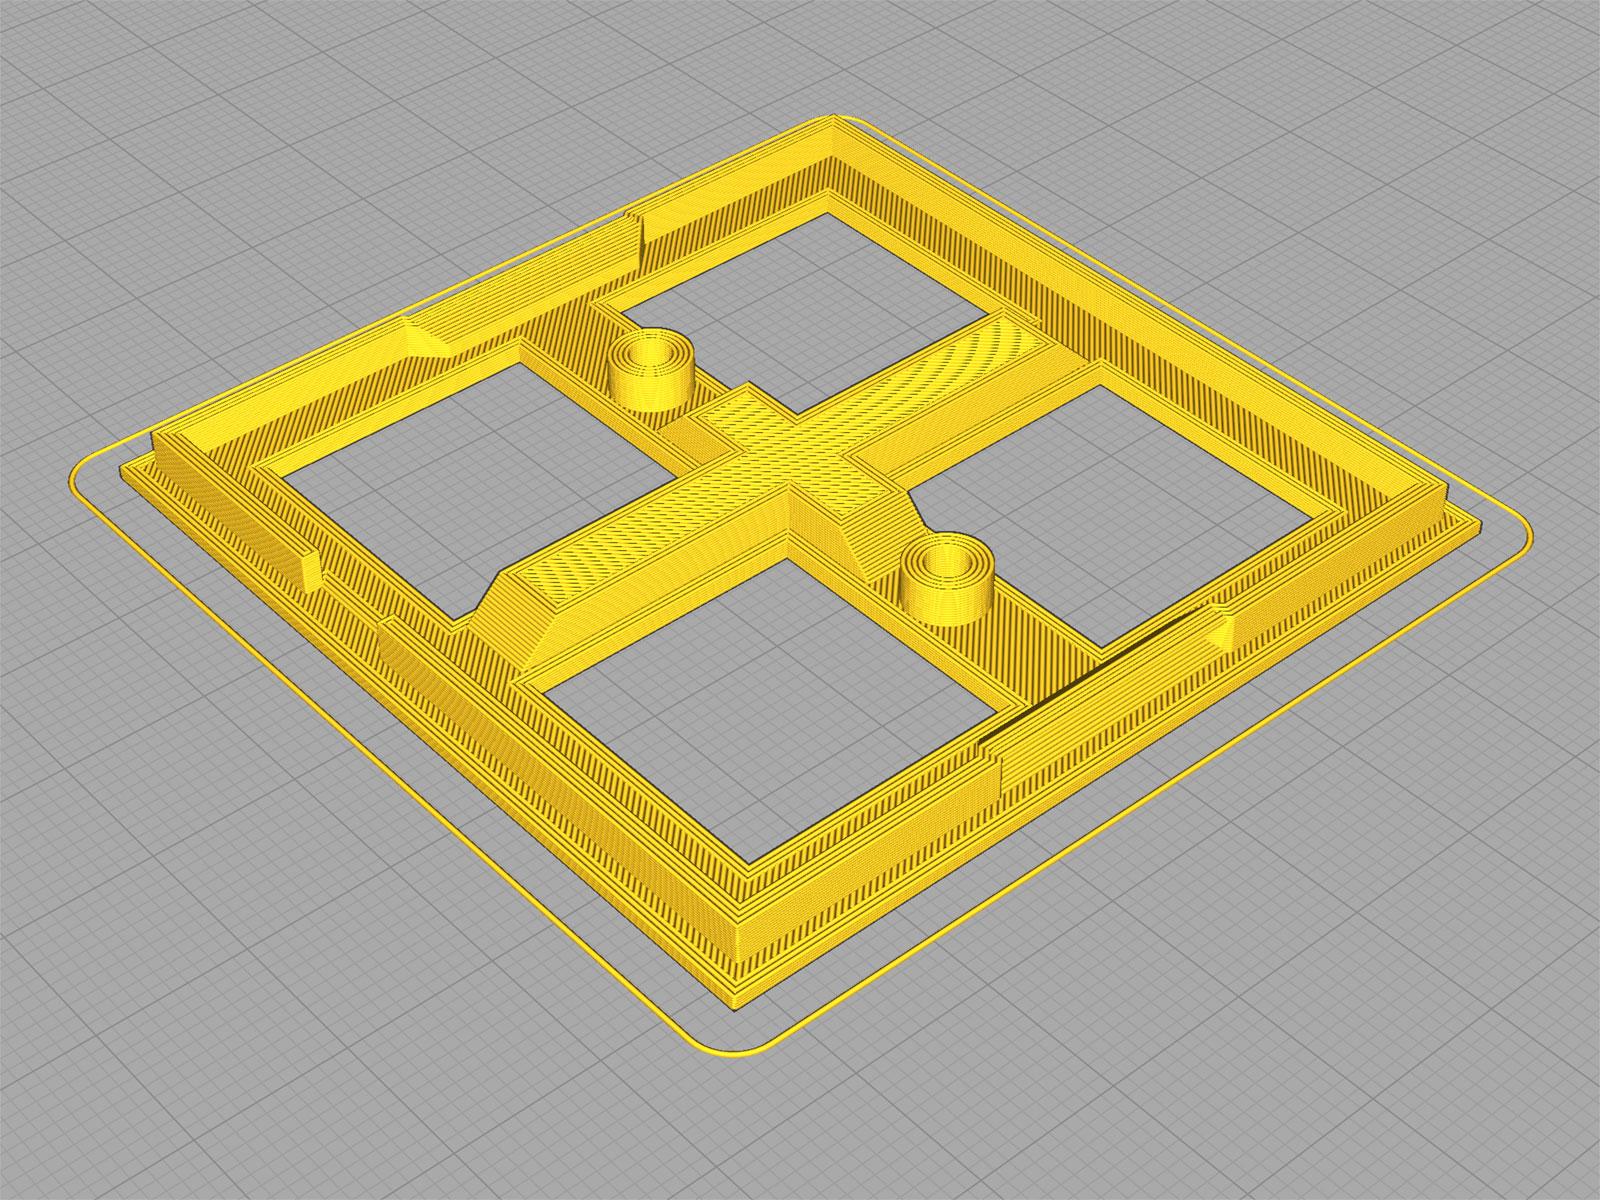 3d_printing_cad-slice.jpg